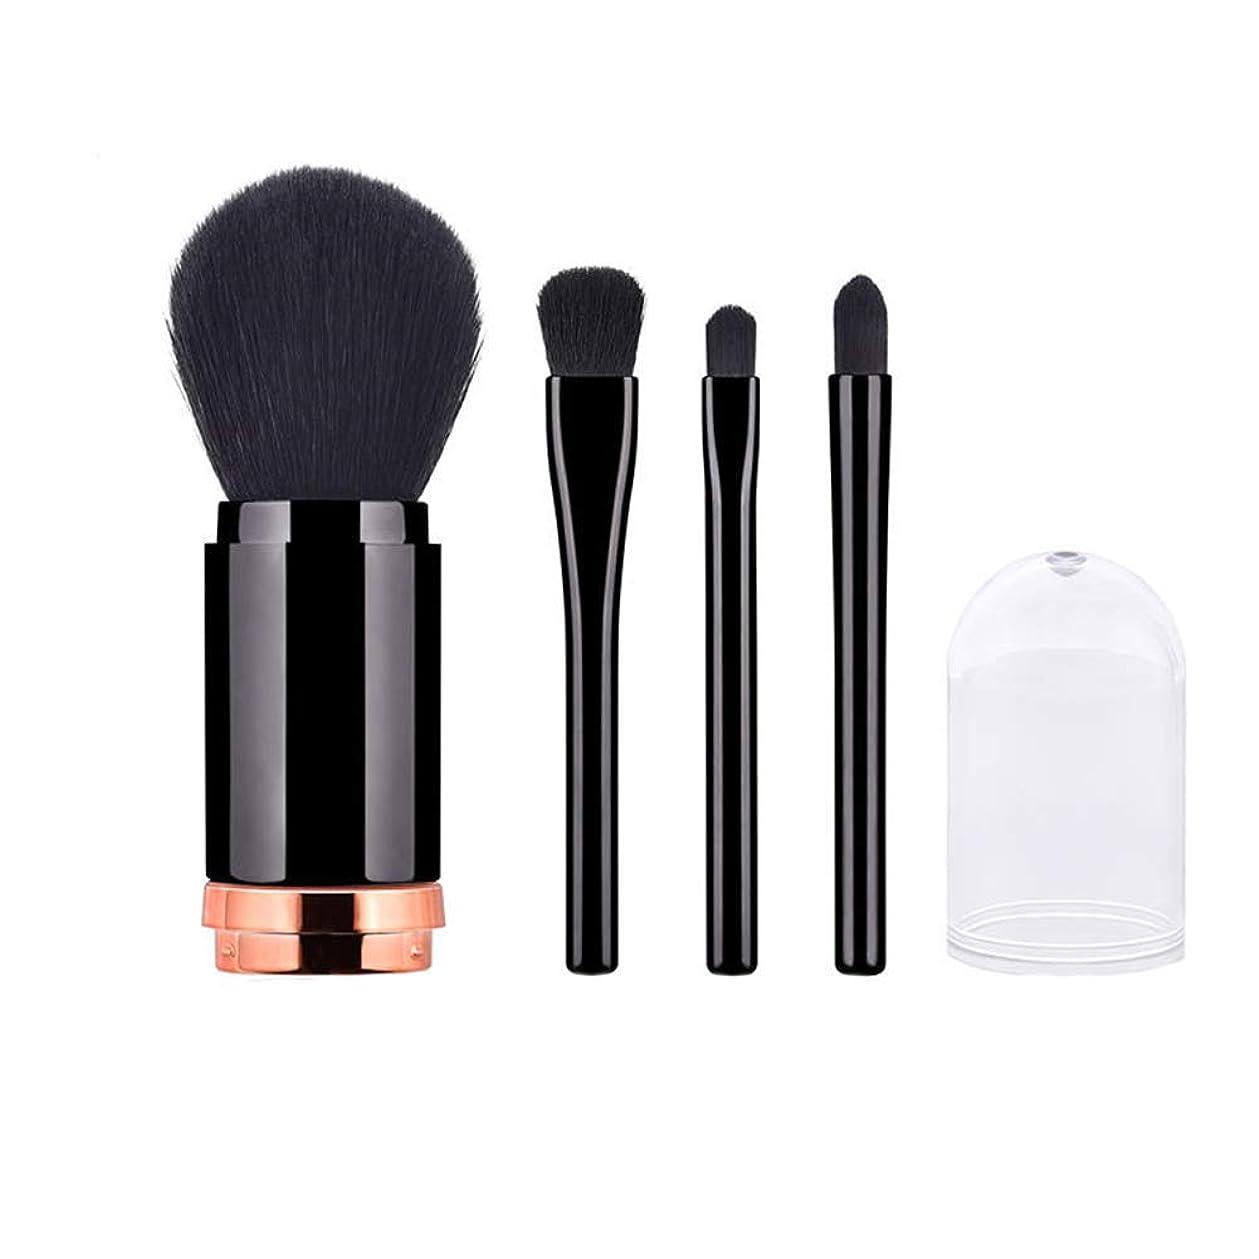 ビジターうなる否定する1女性に付き4引き込み式の柔らかい基礎粉の構造のブラシ化粧品用具 - 黒